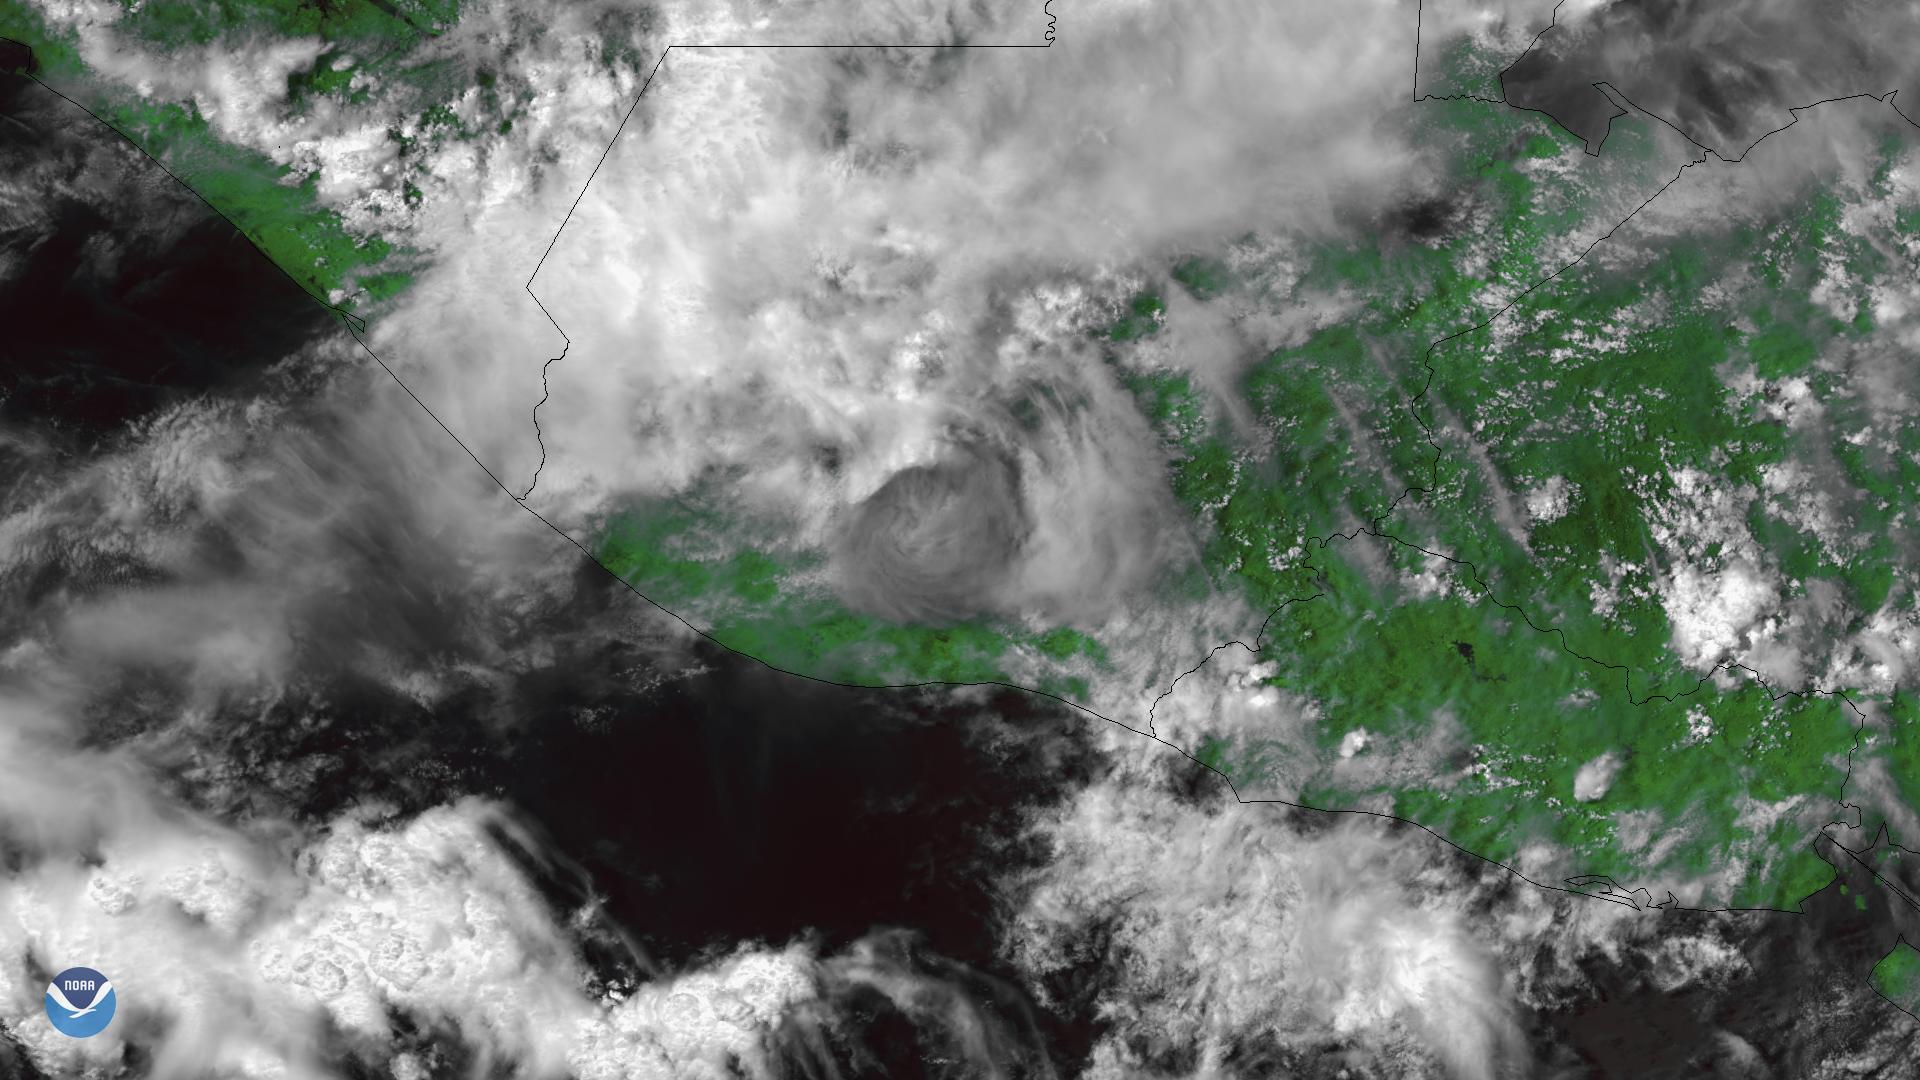 Fuego Volcano Erupts in Guatemala